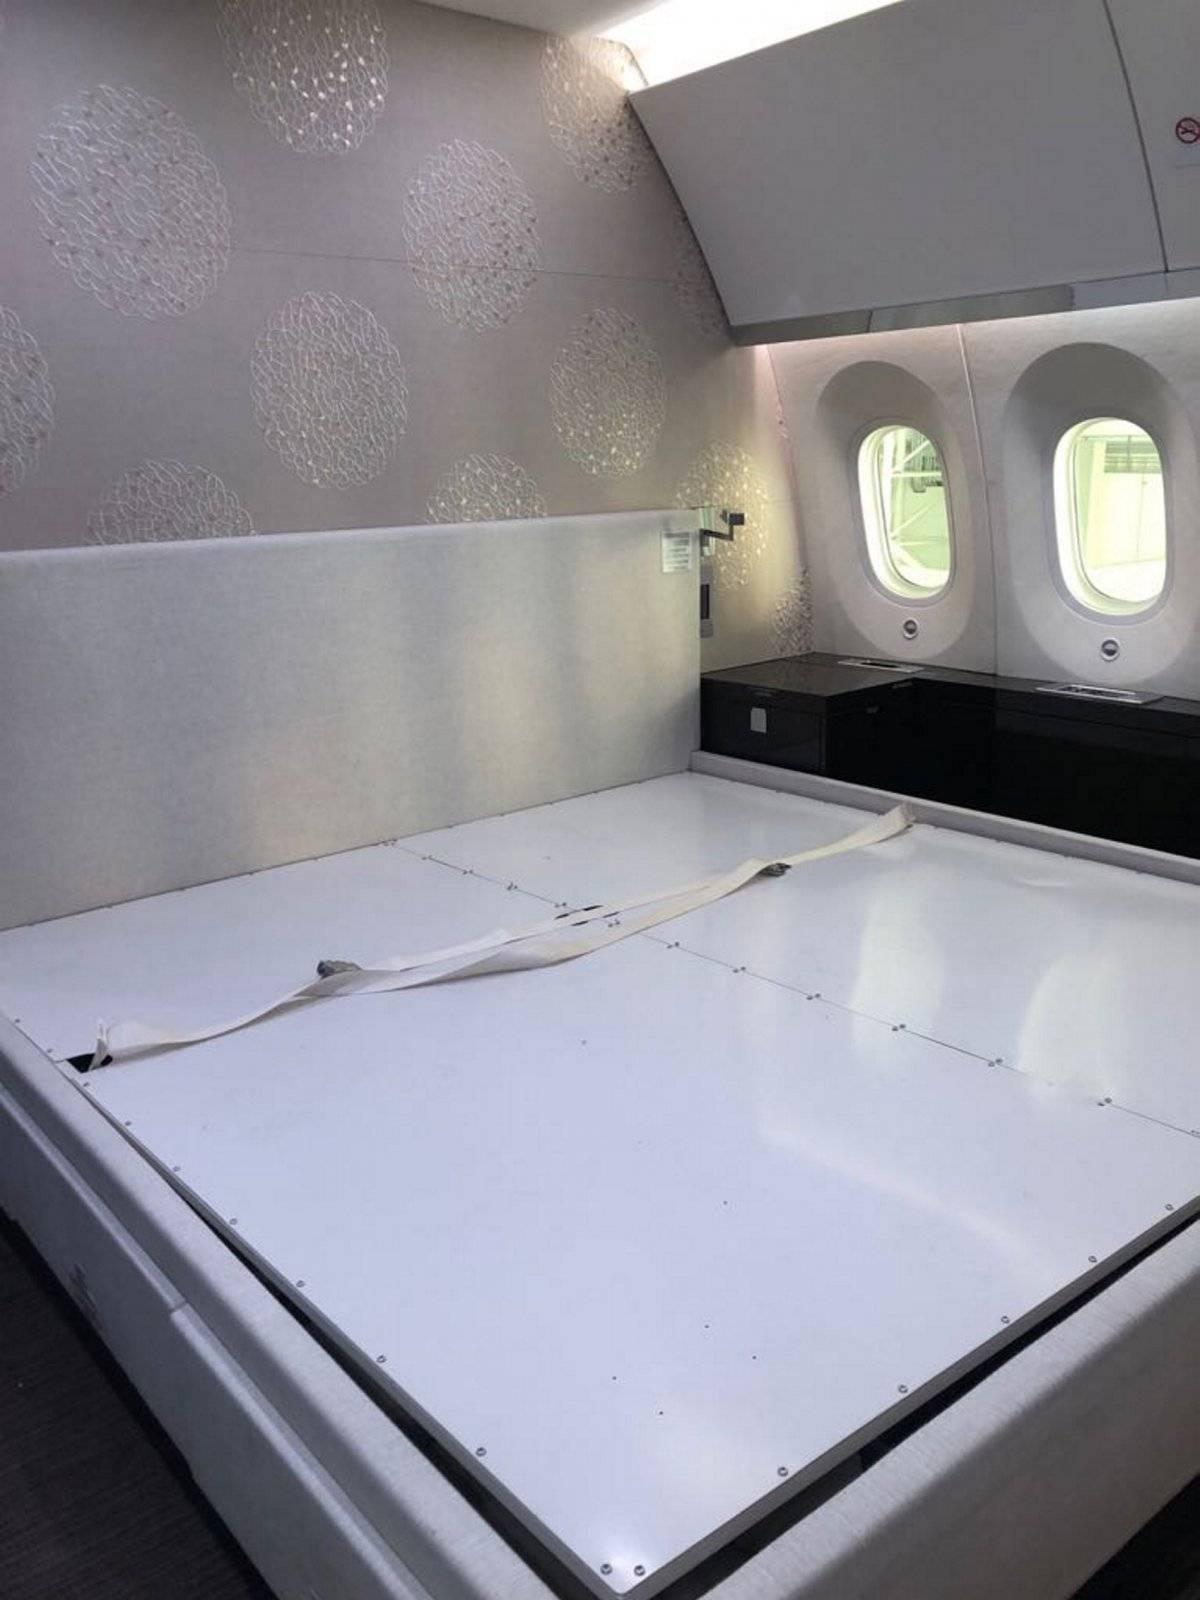 Fotos del interior del lujoso avión presidencial TP01 José María Morelos y Pavón Foto: Notimex